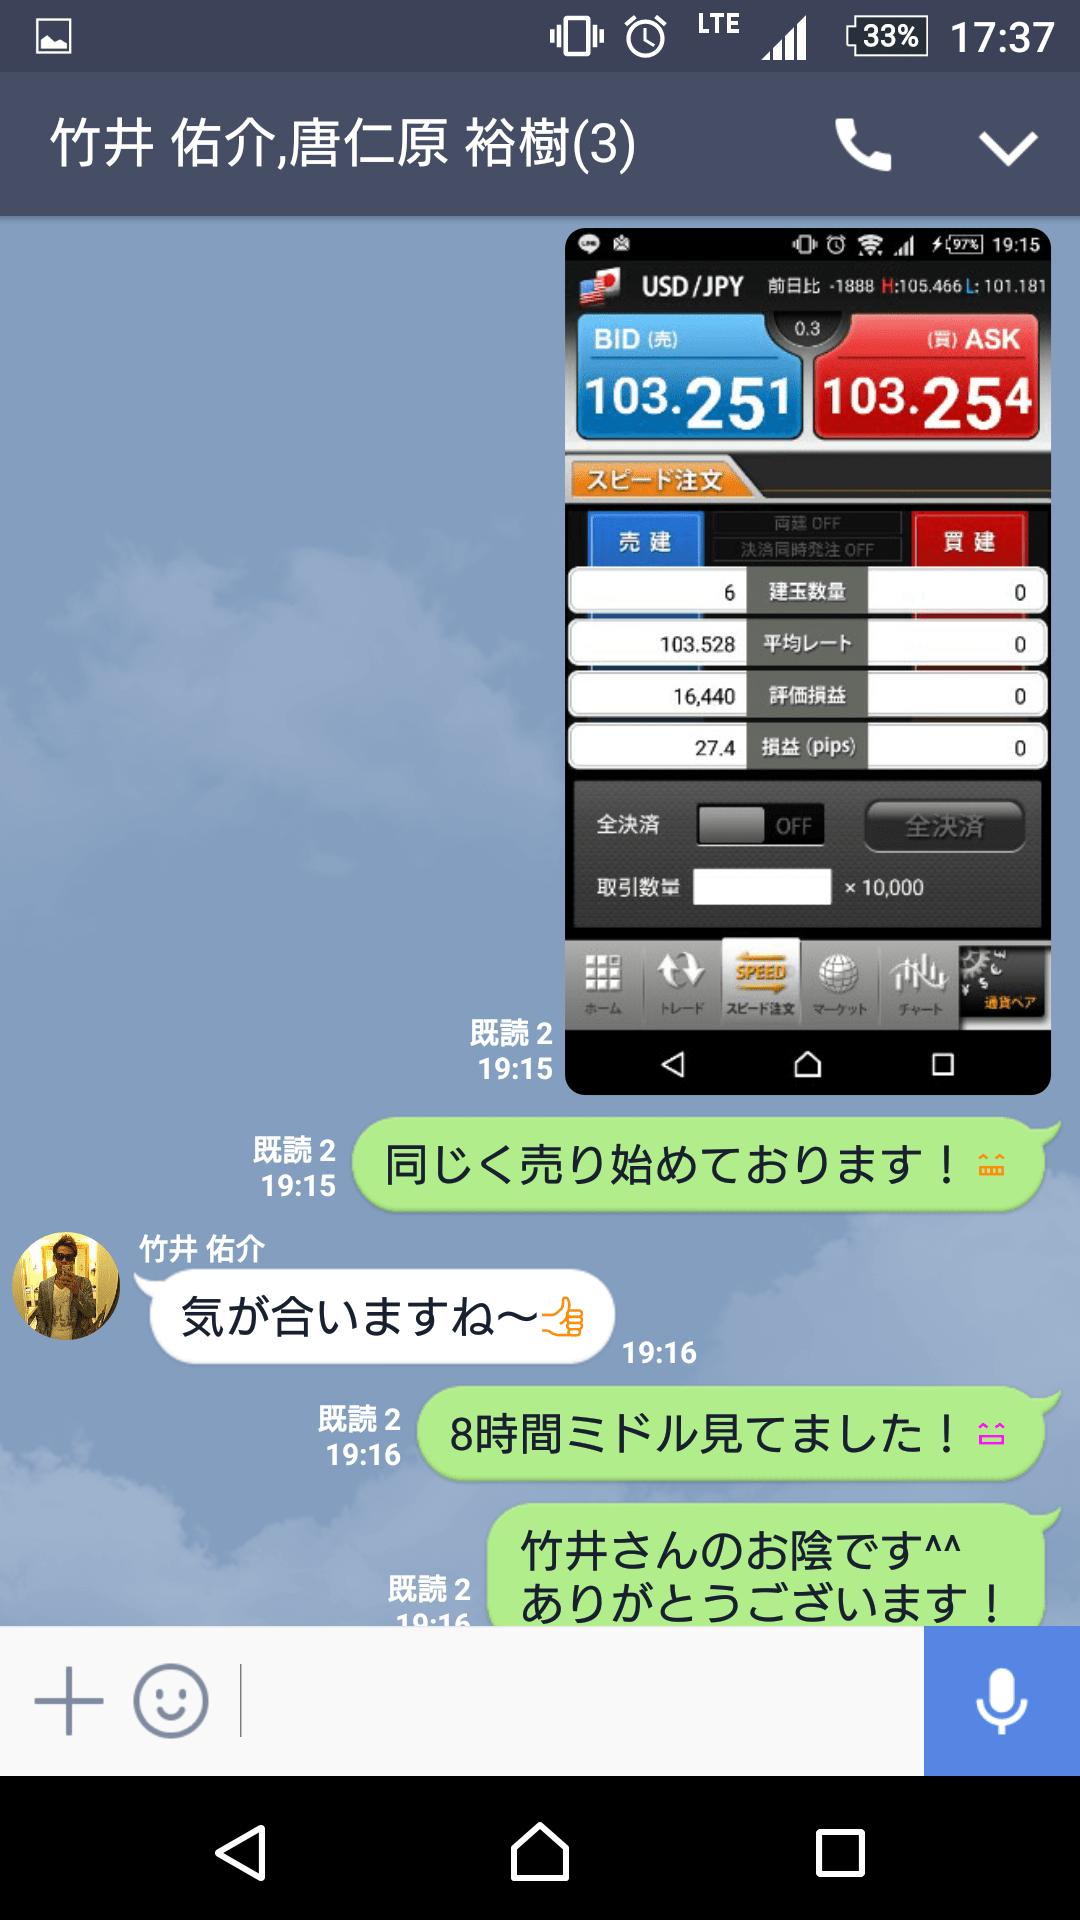 竹井佑介のトレード2